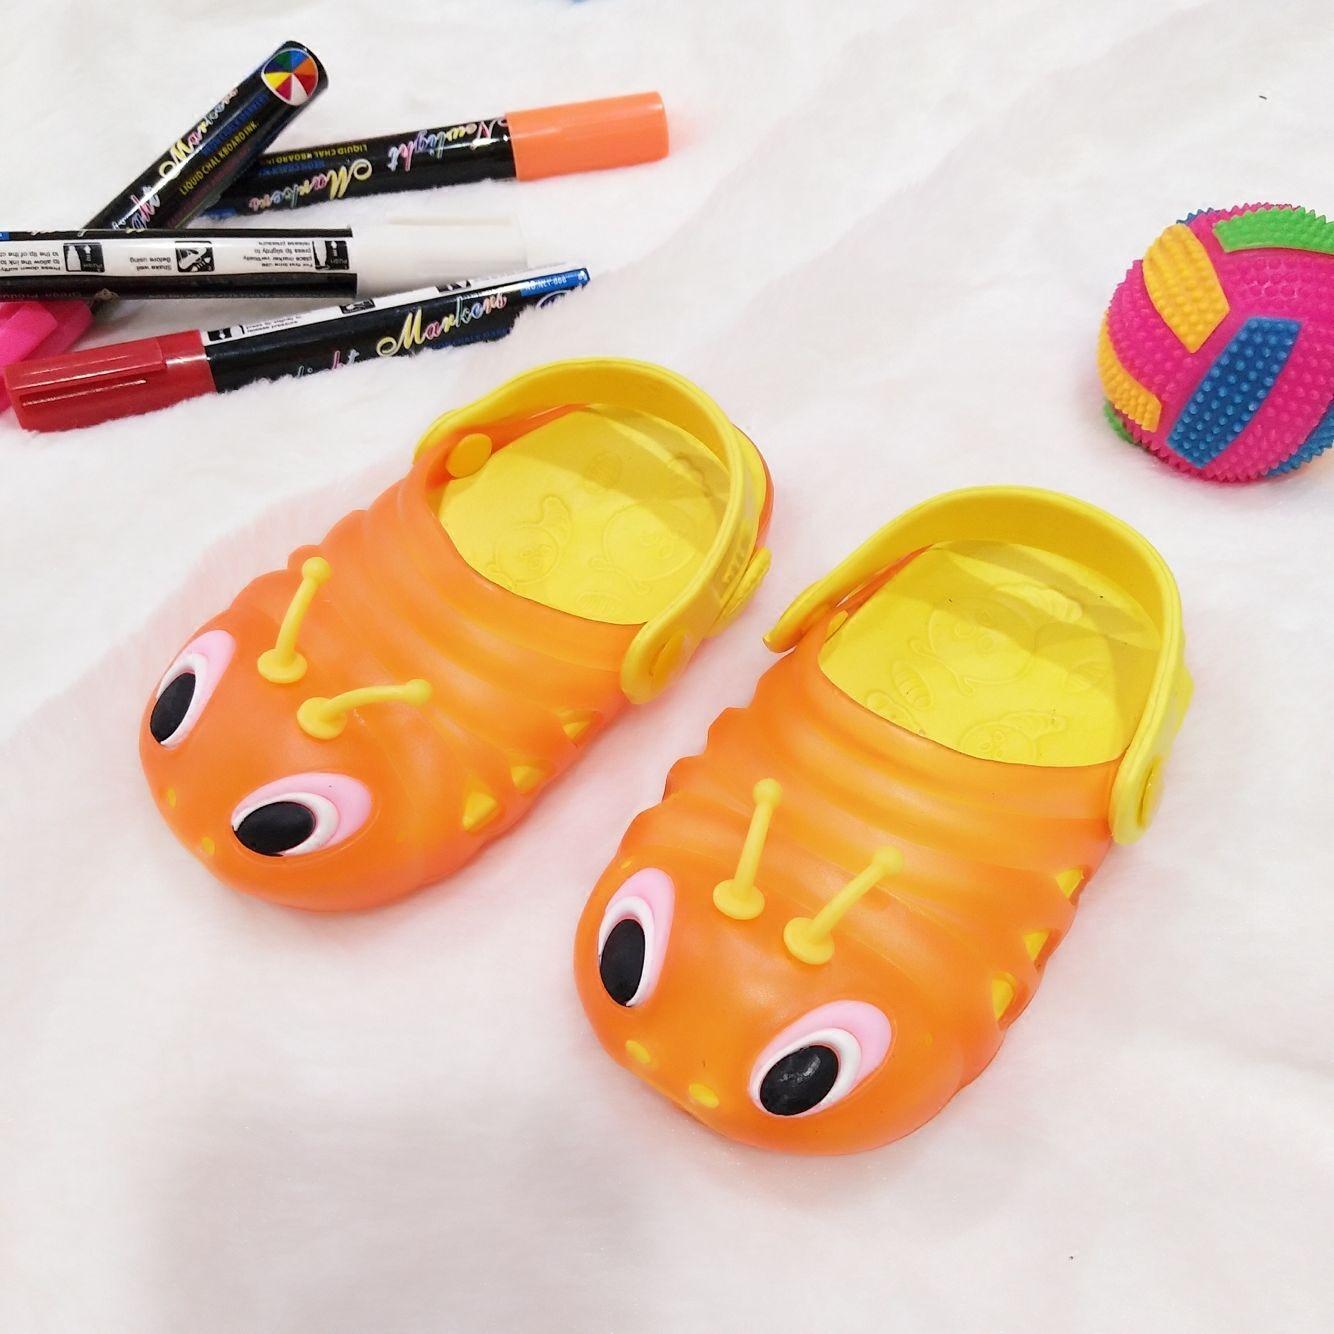 夏季寶寶拖鞋洞洞鞋毛毛蟲兒童防滑涼拖男女嬰兒拖鞋1/2/3歲涼鞋